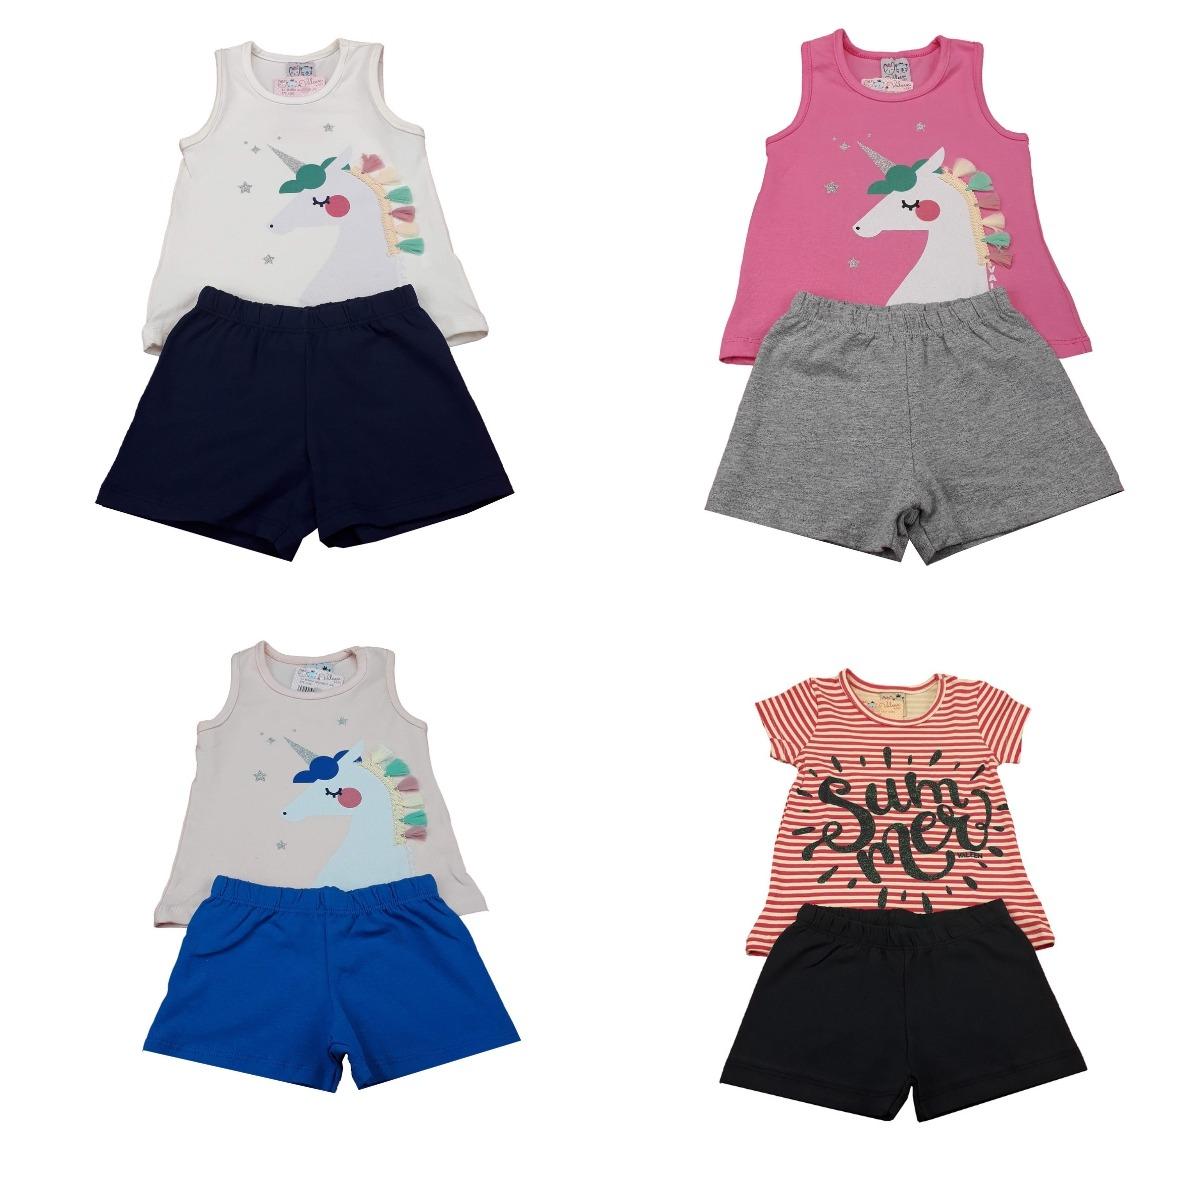 e32401a0d1 kit 10 roupas infantil feminina moda bebe atacado aproveite. Carregando  zoom.